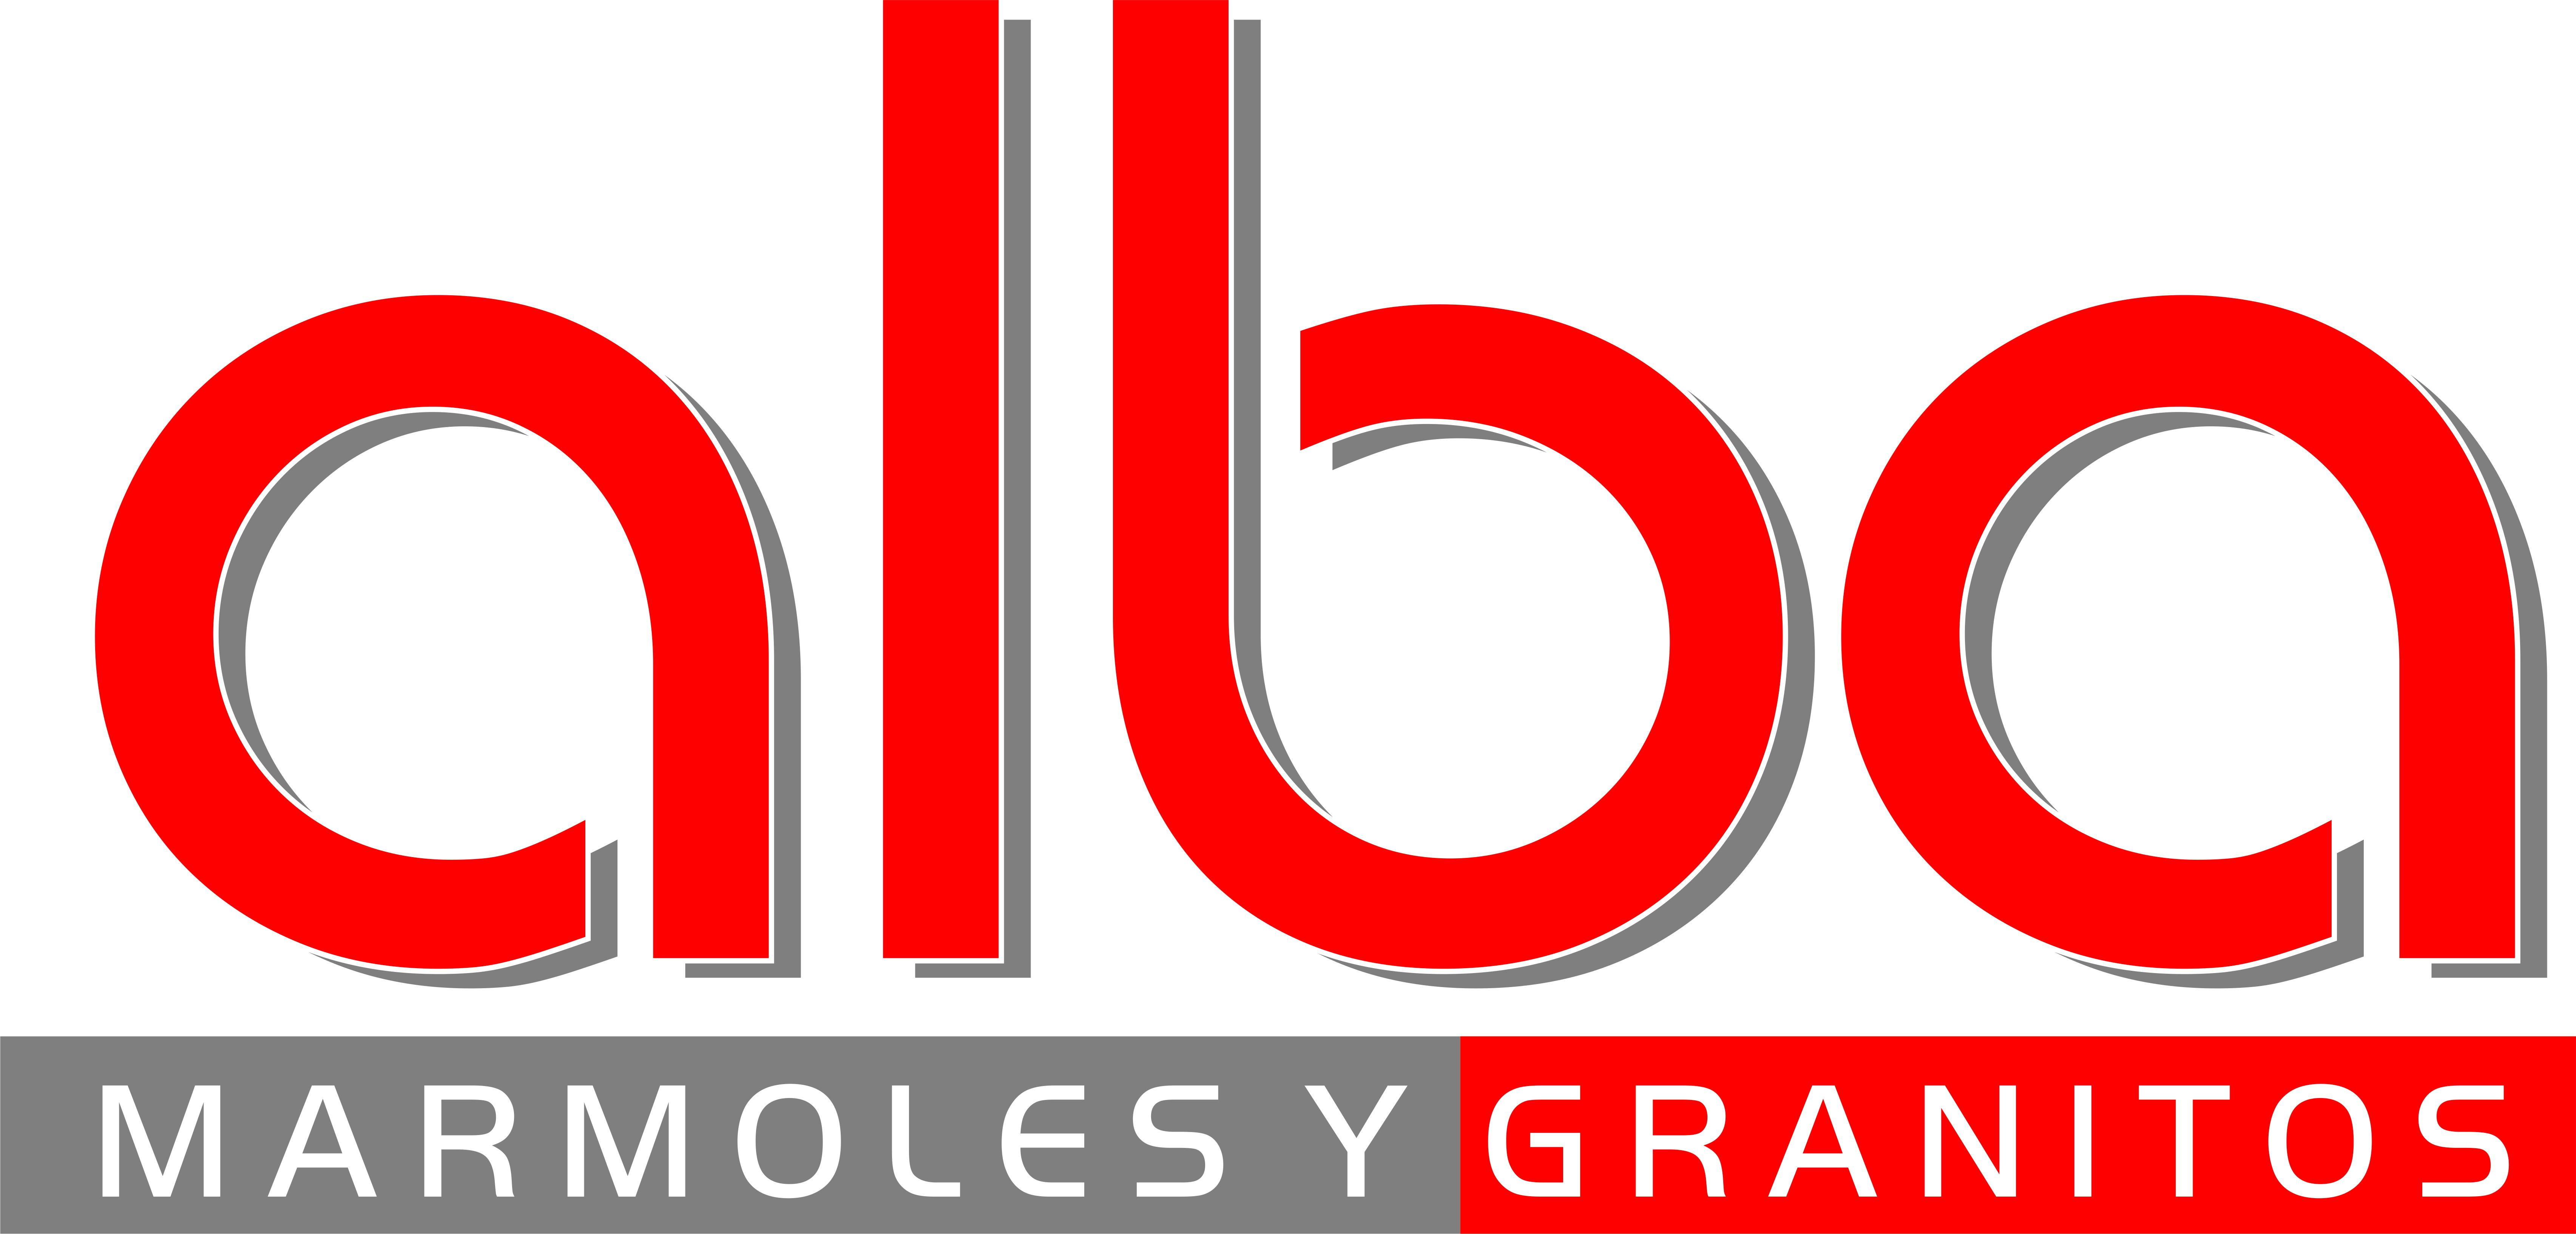 Alba-mármoles-y-granitos-